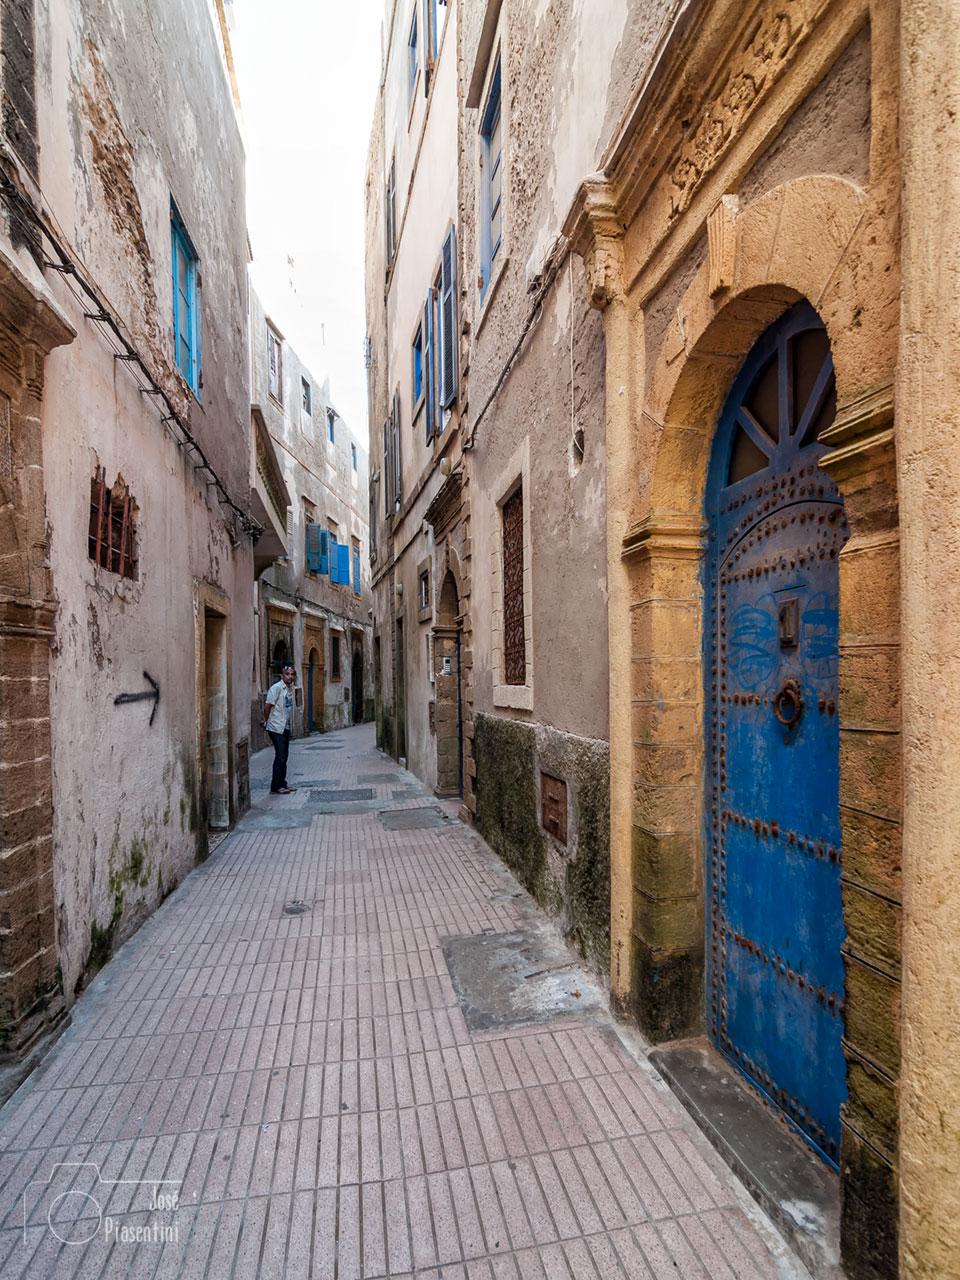 callejuelas-marruecos-essaouira-y-alrededores0041